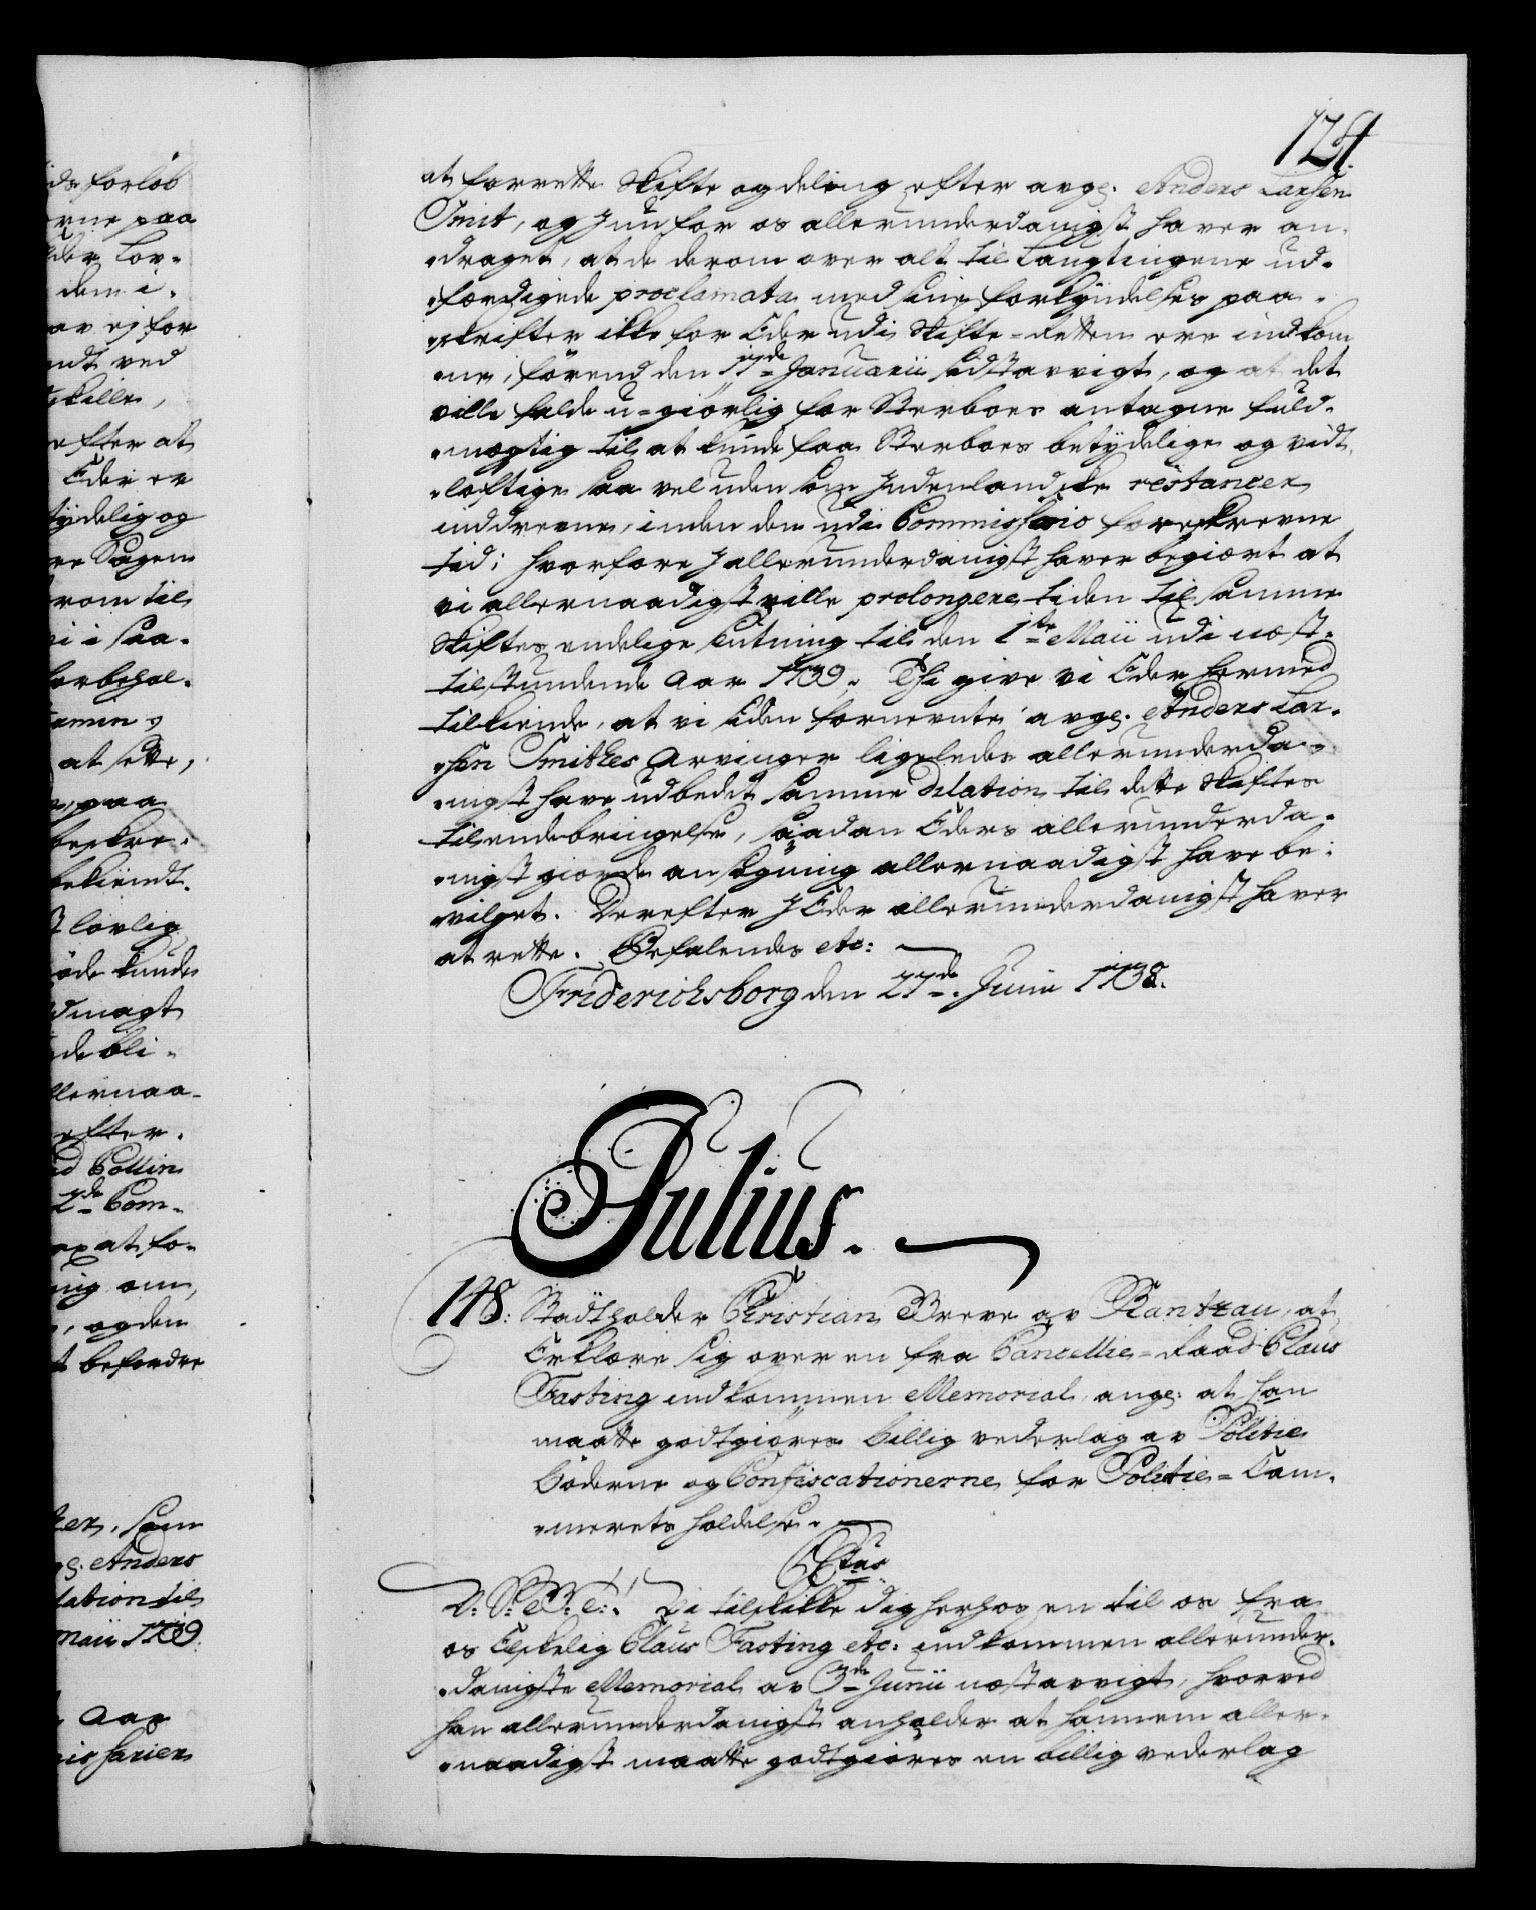 RA, Danske Kanselli 1572-1799, F/Fc/Fca/Fcab/L0028: Norske tegnelser, 1738-1740, s. 124a